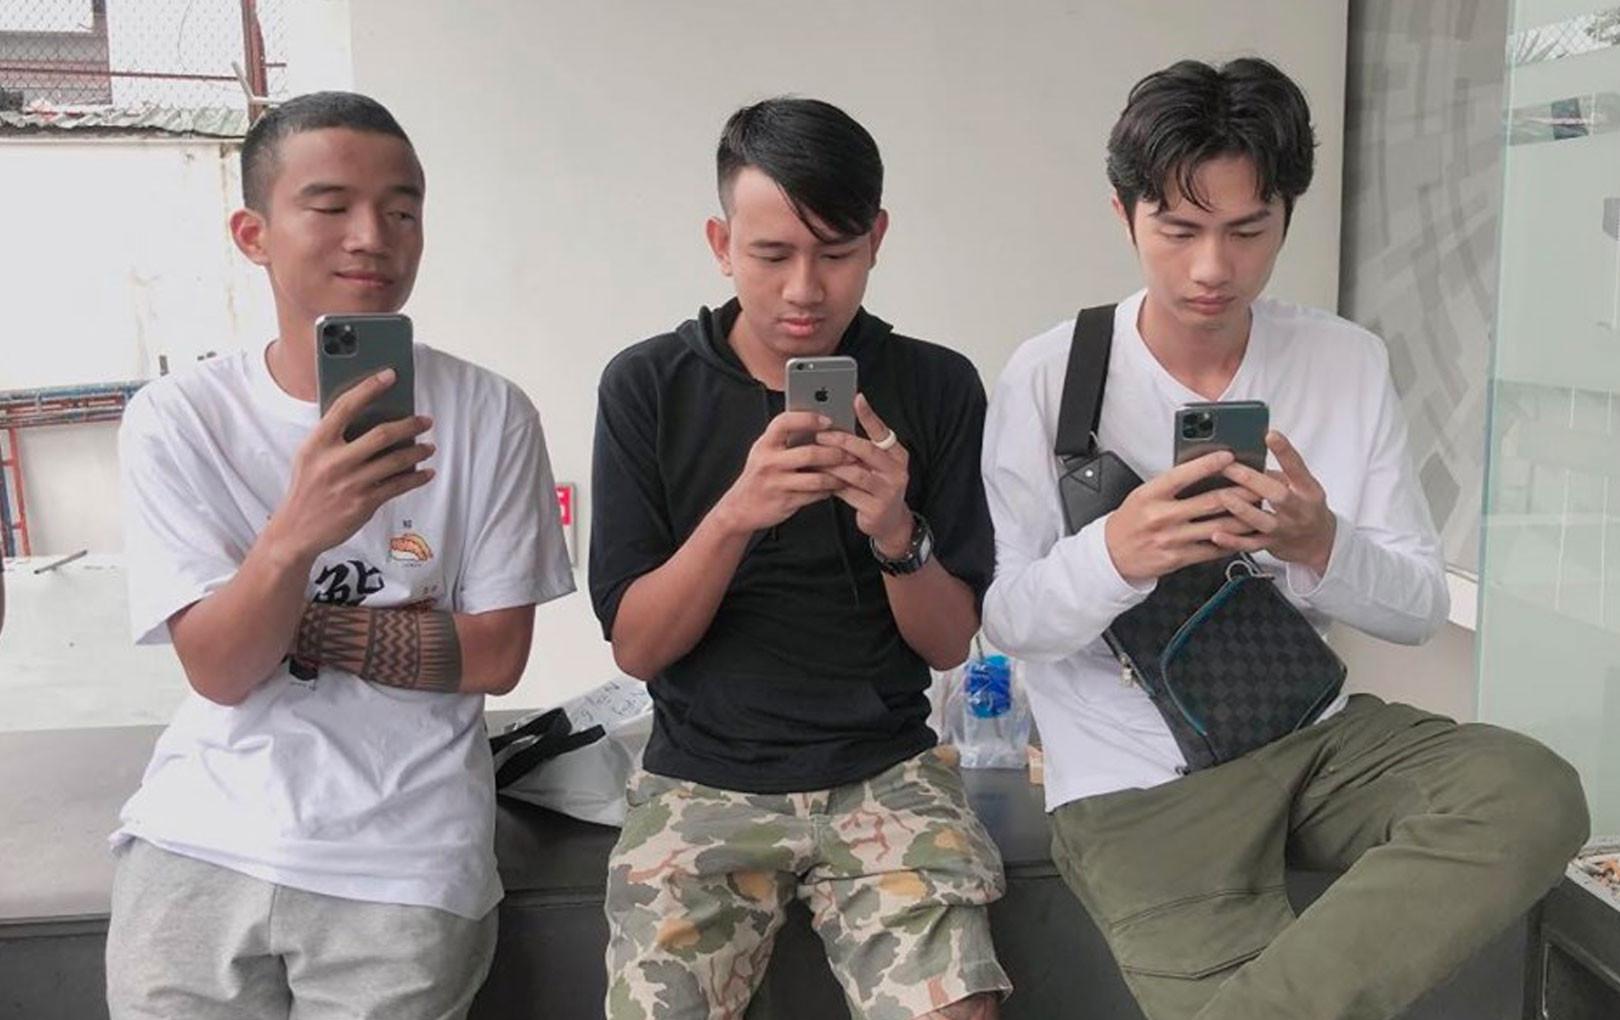 """Thái Vũ FAPtv tức giận vì bị Huỳnh Phương """"khè"""" iPhone 11 Pro Max: """"Nhìn mặt những con người giàu có, thấy ghét thật chứ"""""""